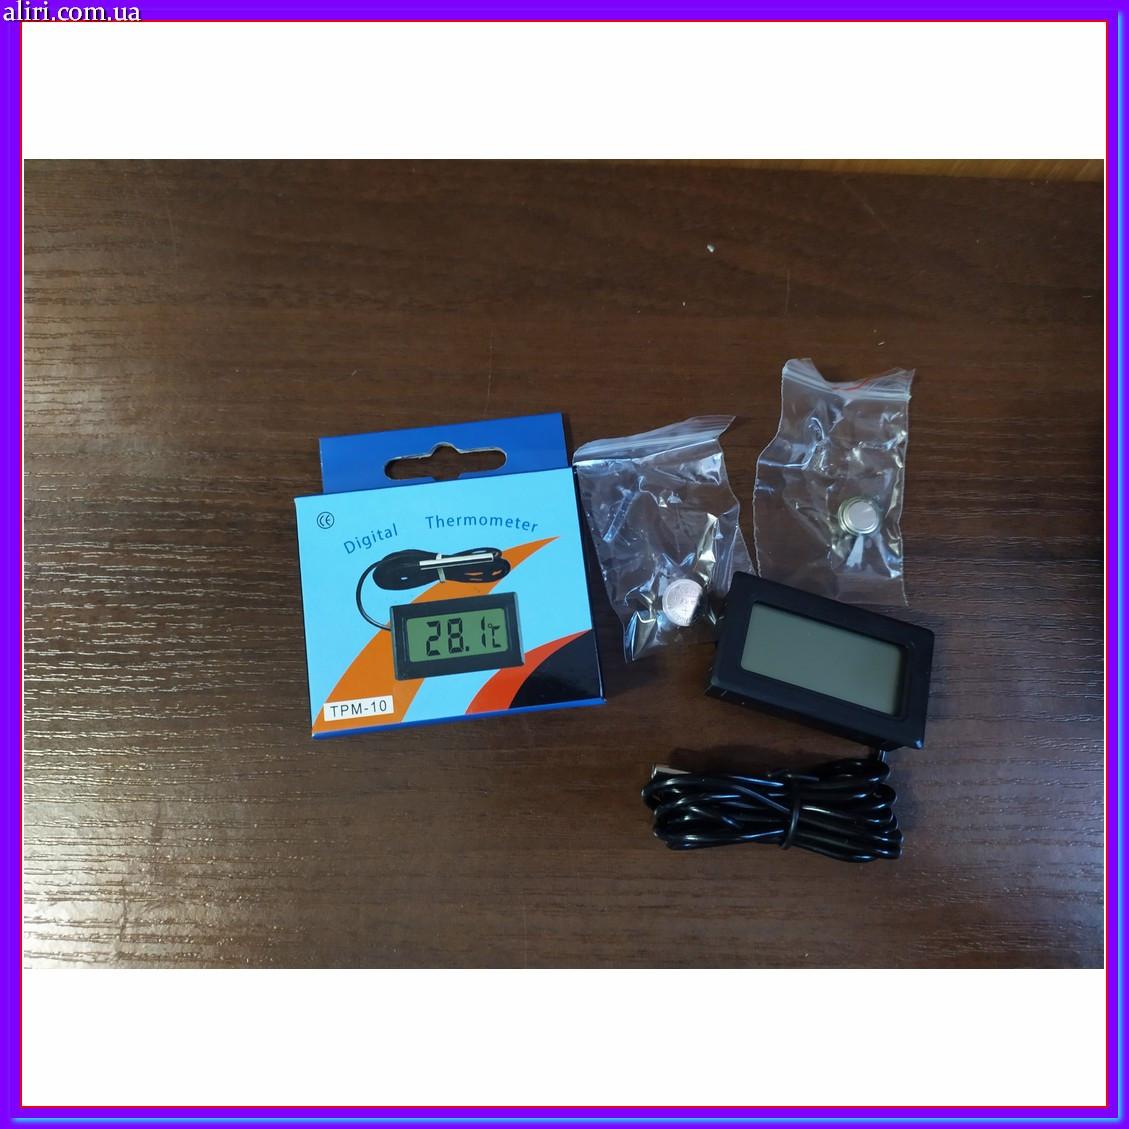 Термометр влагозащищенный TPM-10 / HT 1 с выносным датчиком температуры